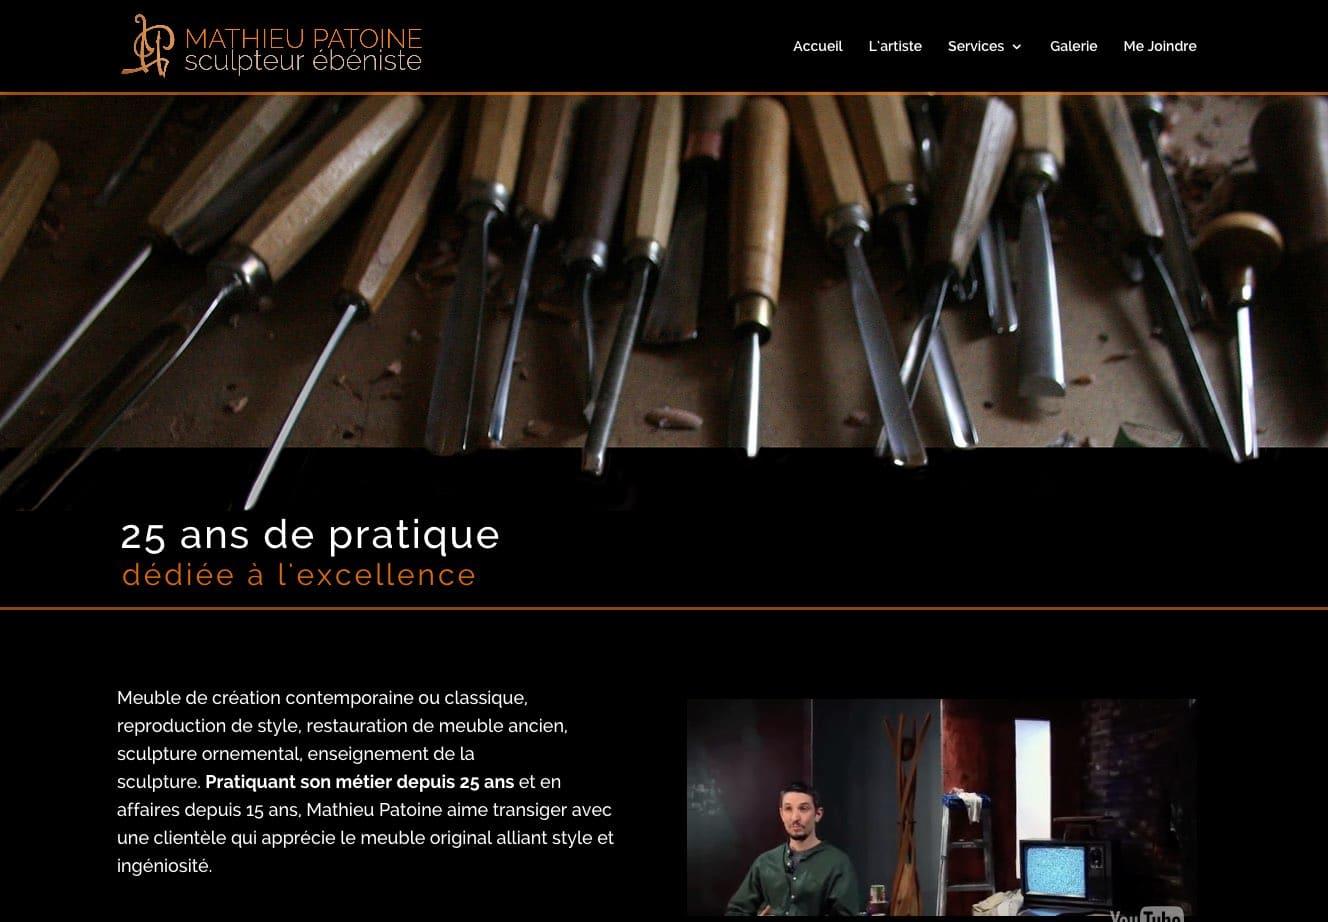 Mathieu Patoine – Sculpteur ébéniste